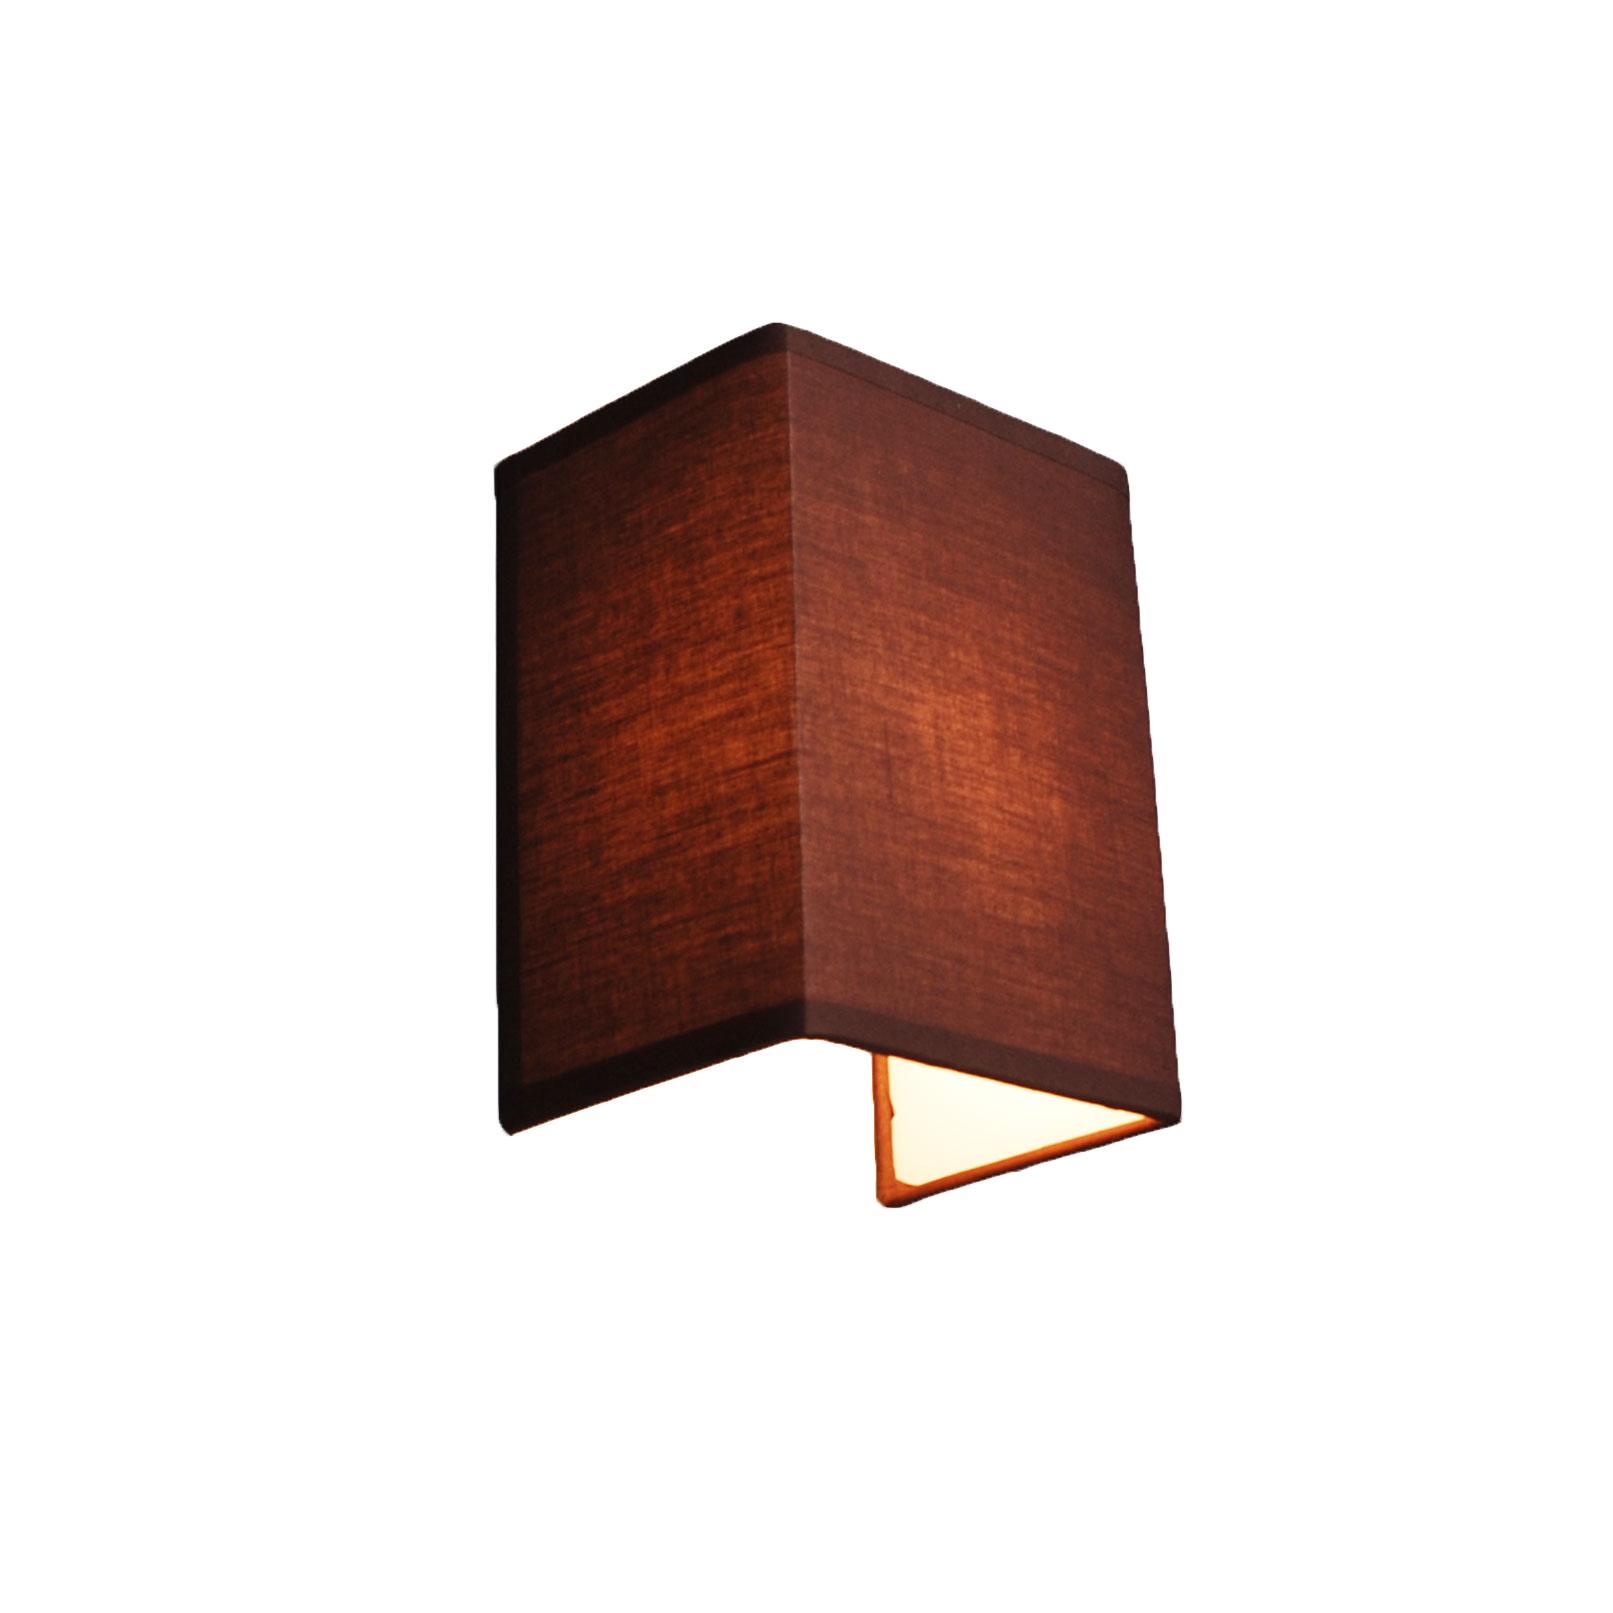 Landelijke wandlamp bruin - Vete